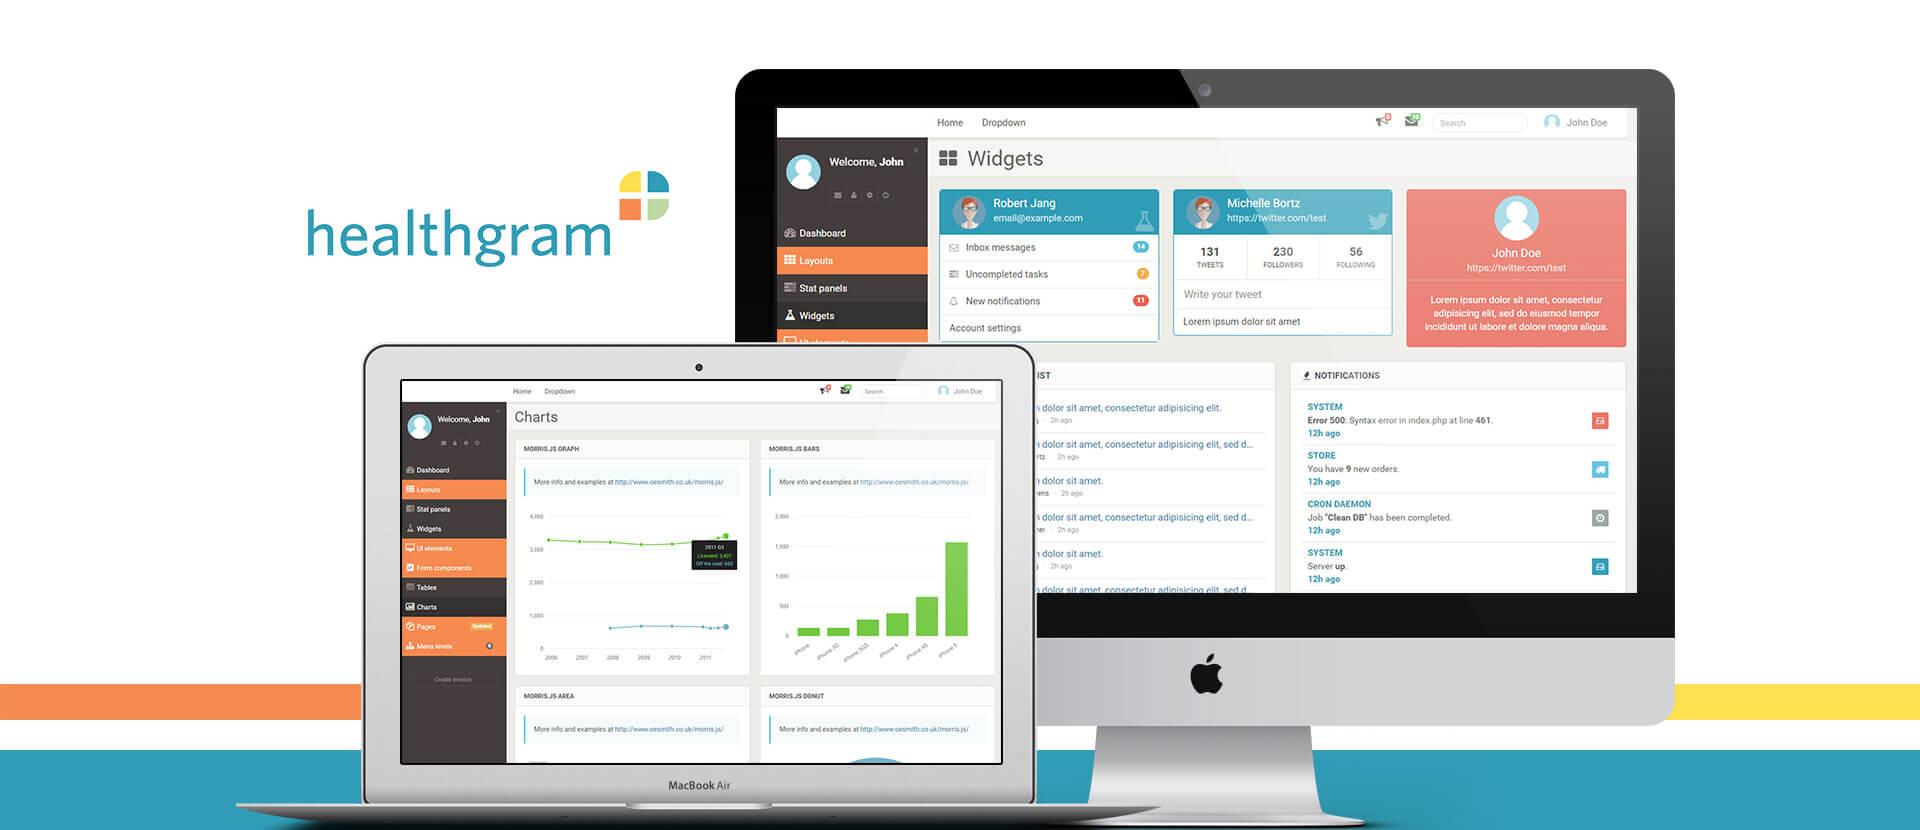 Healthgram-Device-start-panel-slider-3